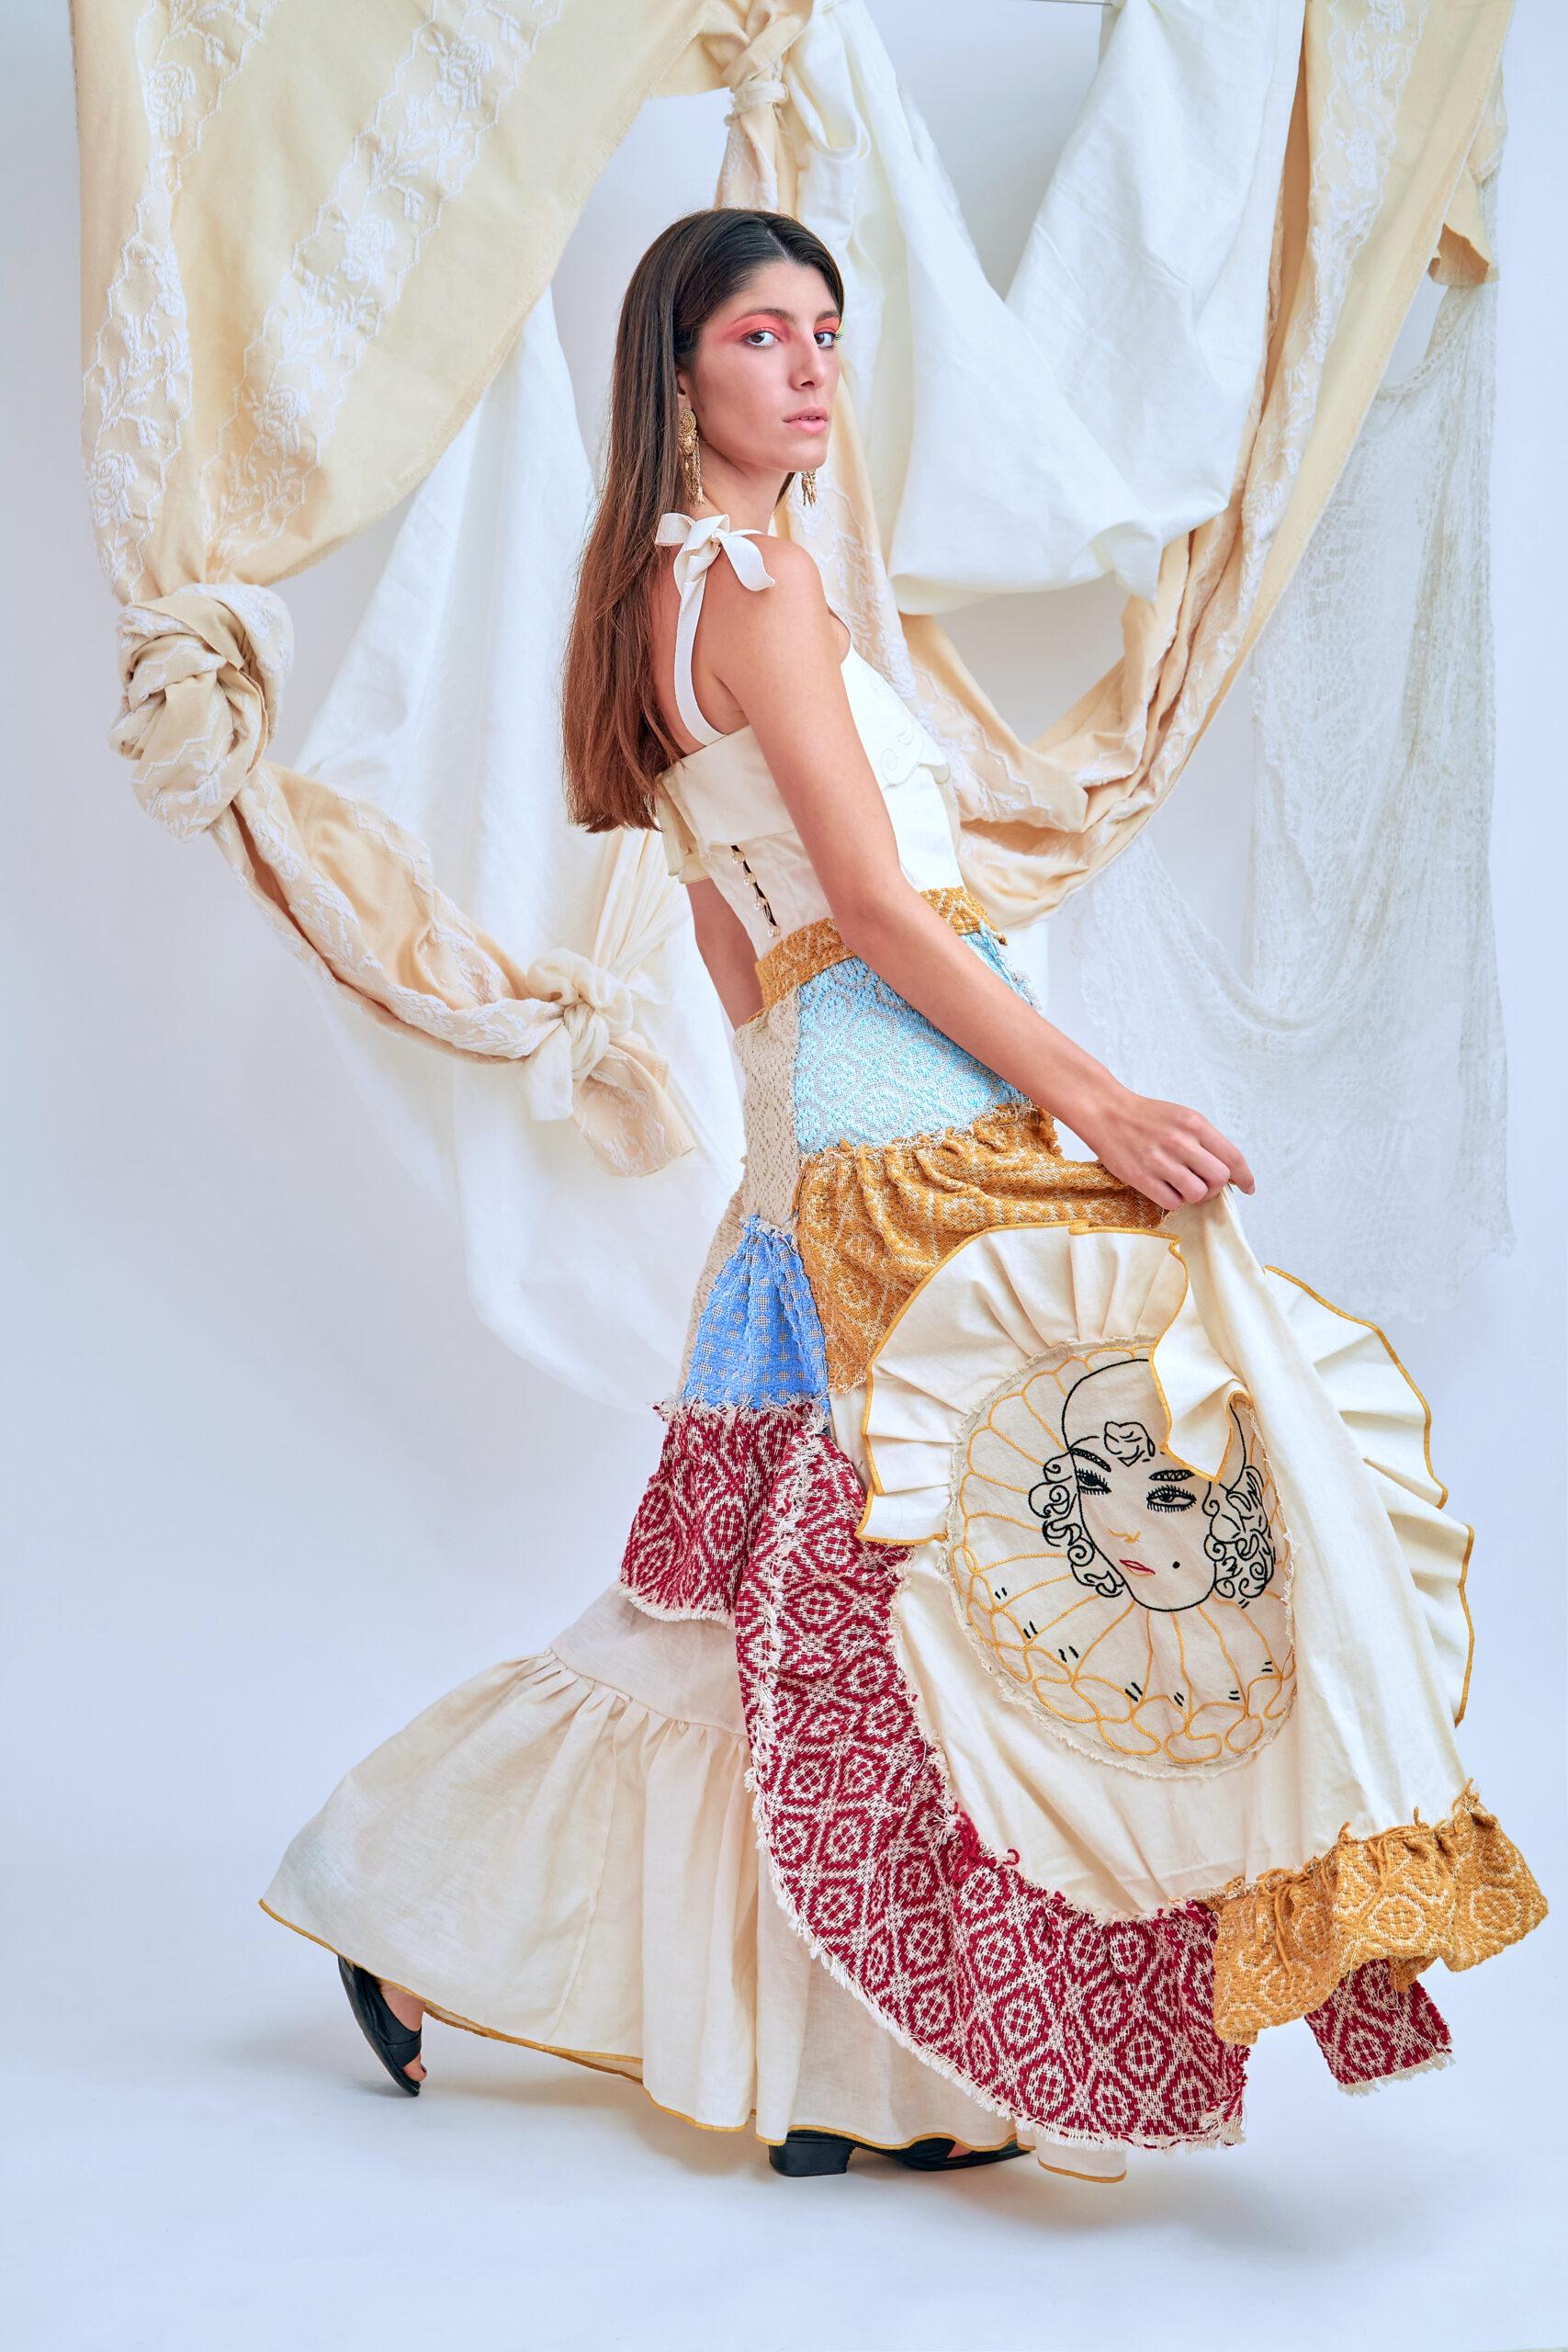 #artfabriquetalent Ilenia Sapia e l'omaggio alle donne del sud